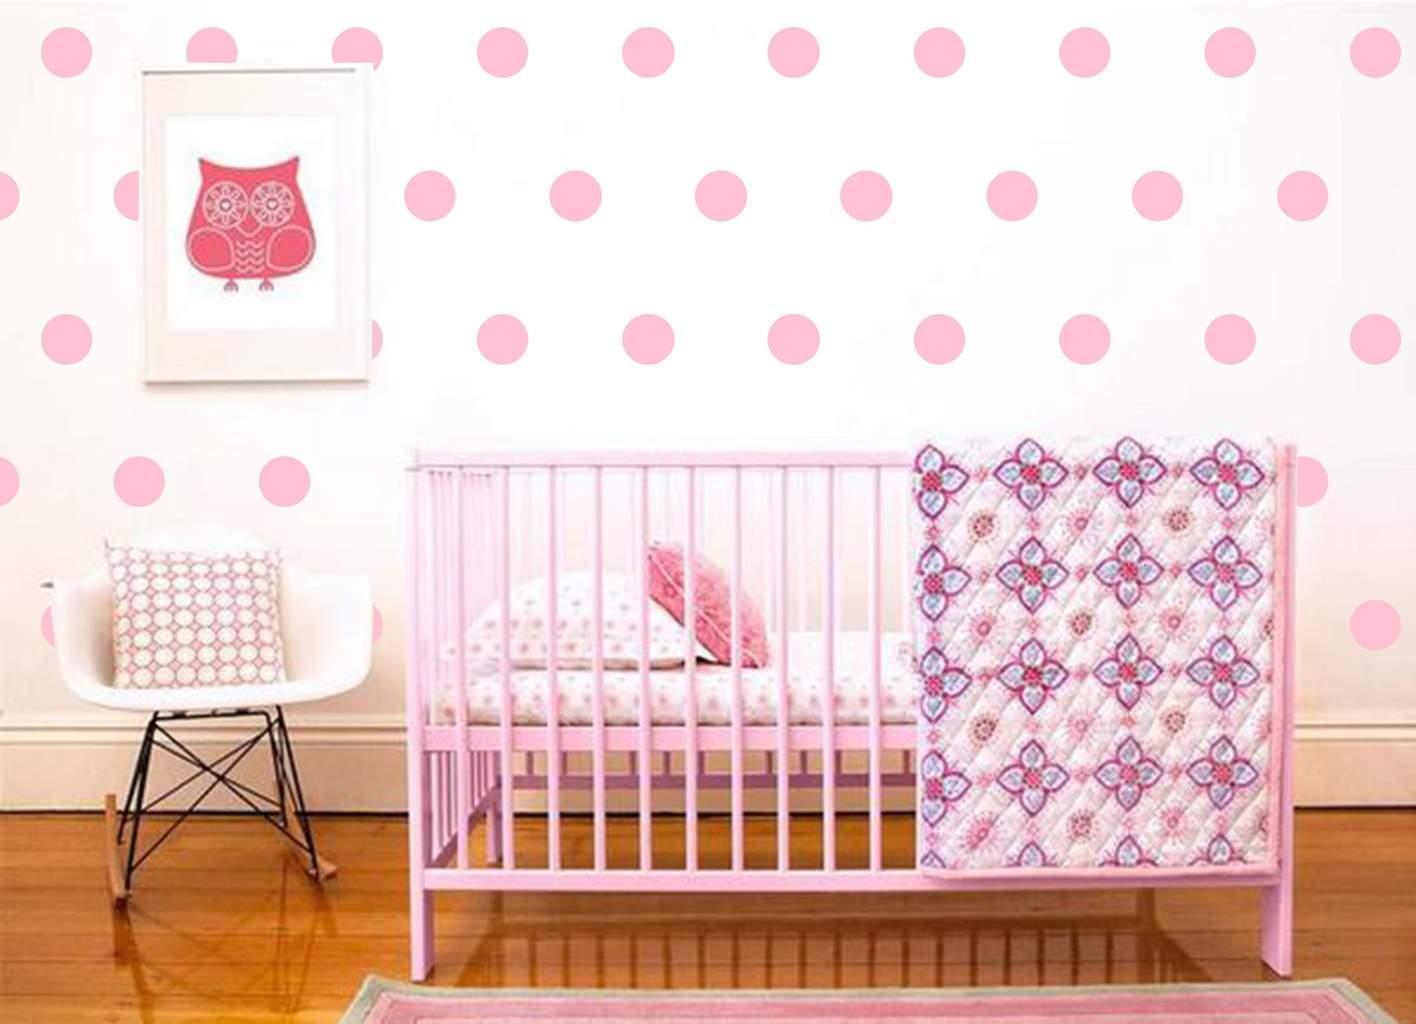 Polka Dots Wall Decal Part 94